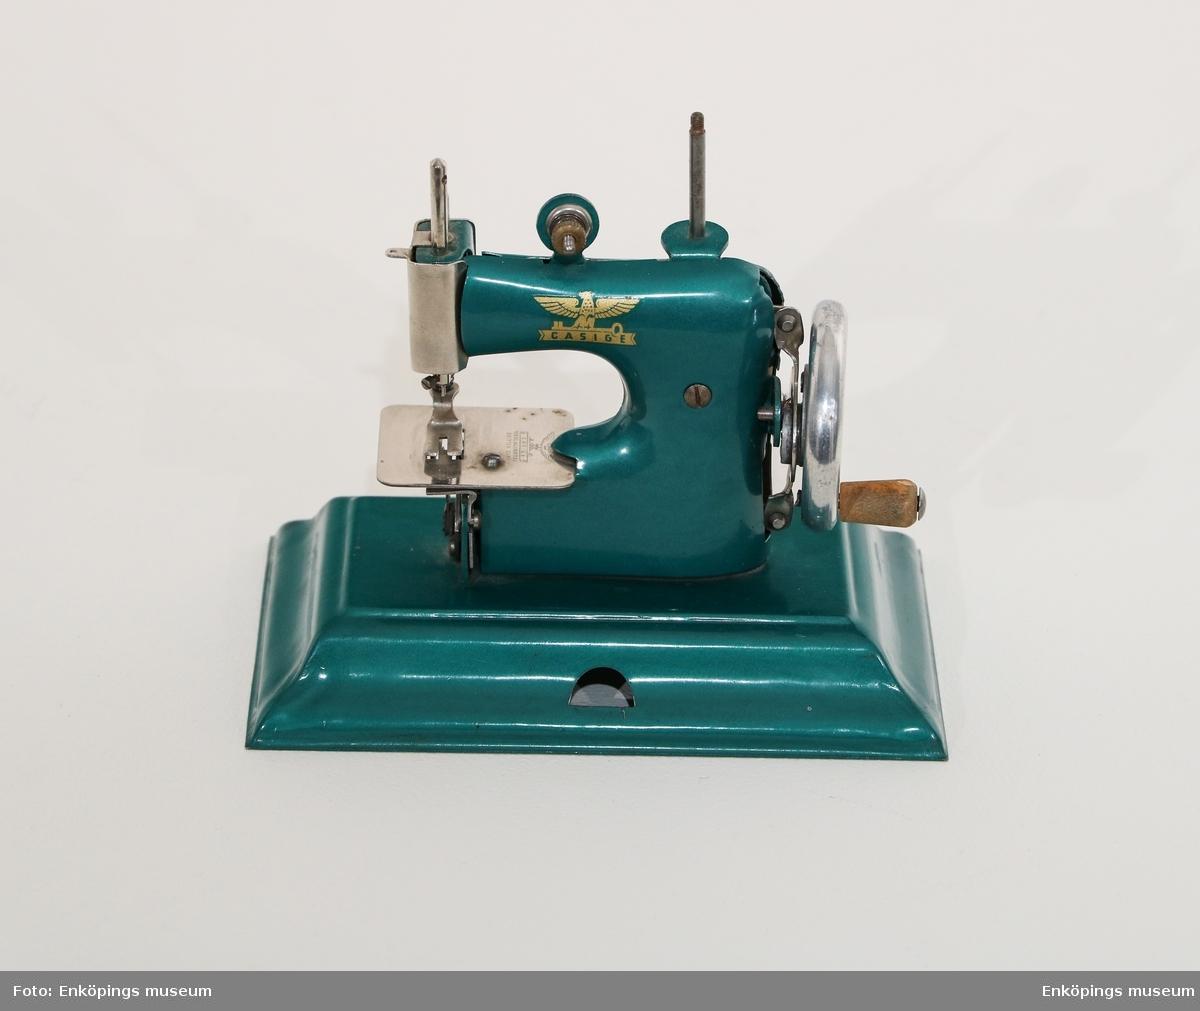 En grön leksakssymaskin, nålen är trasig.